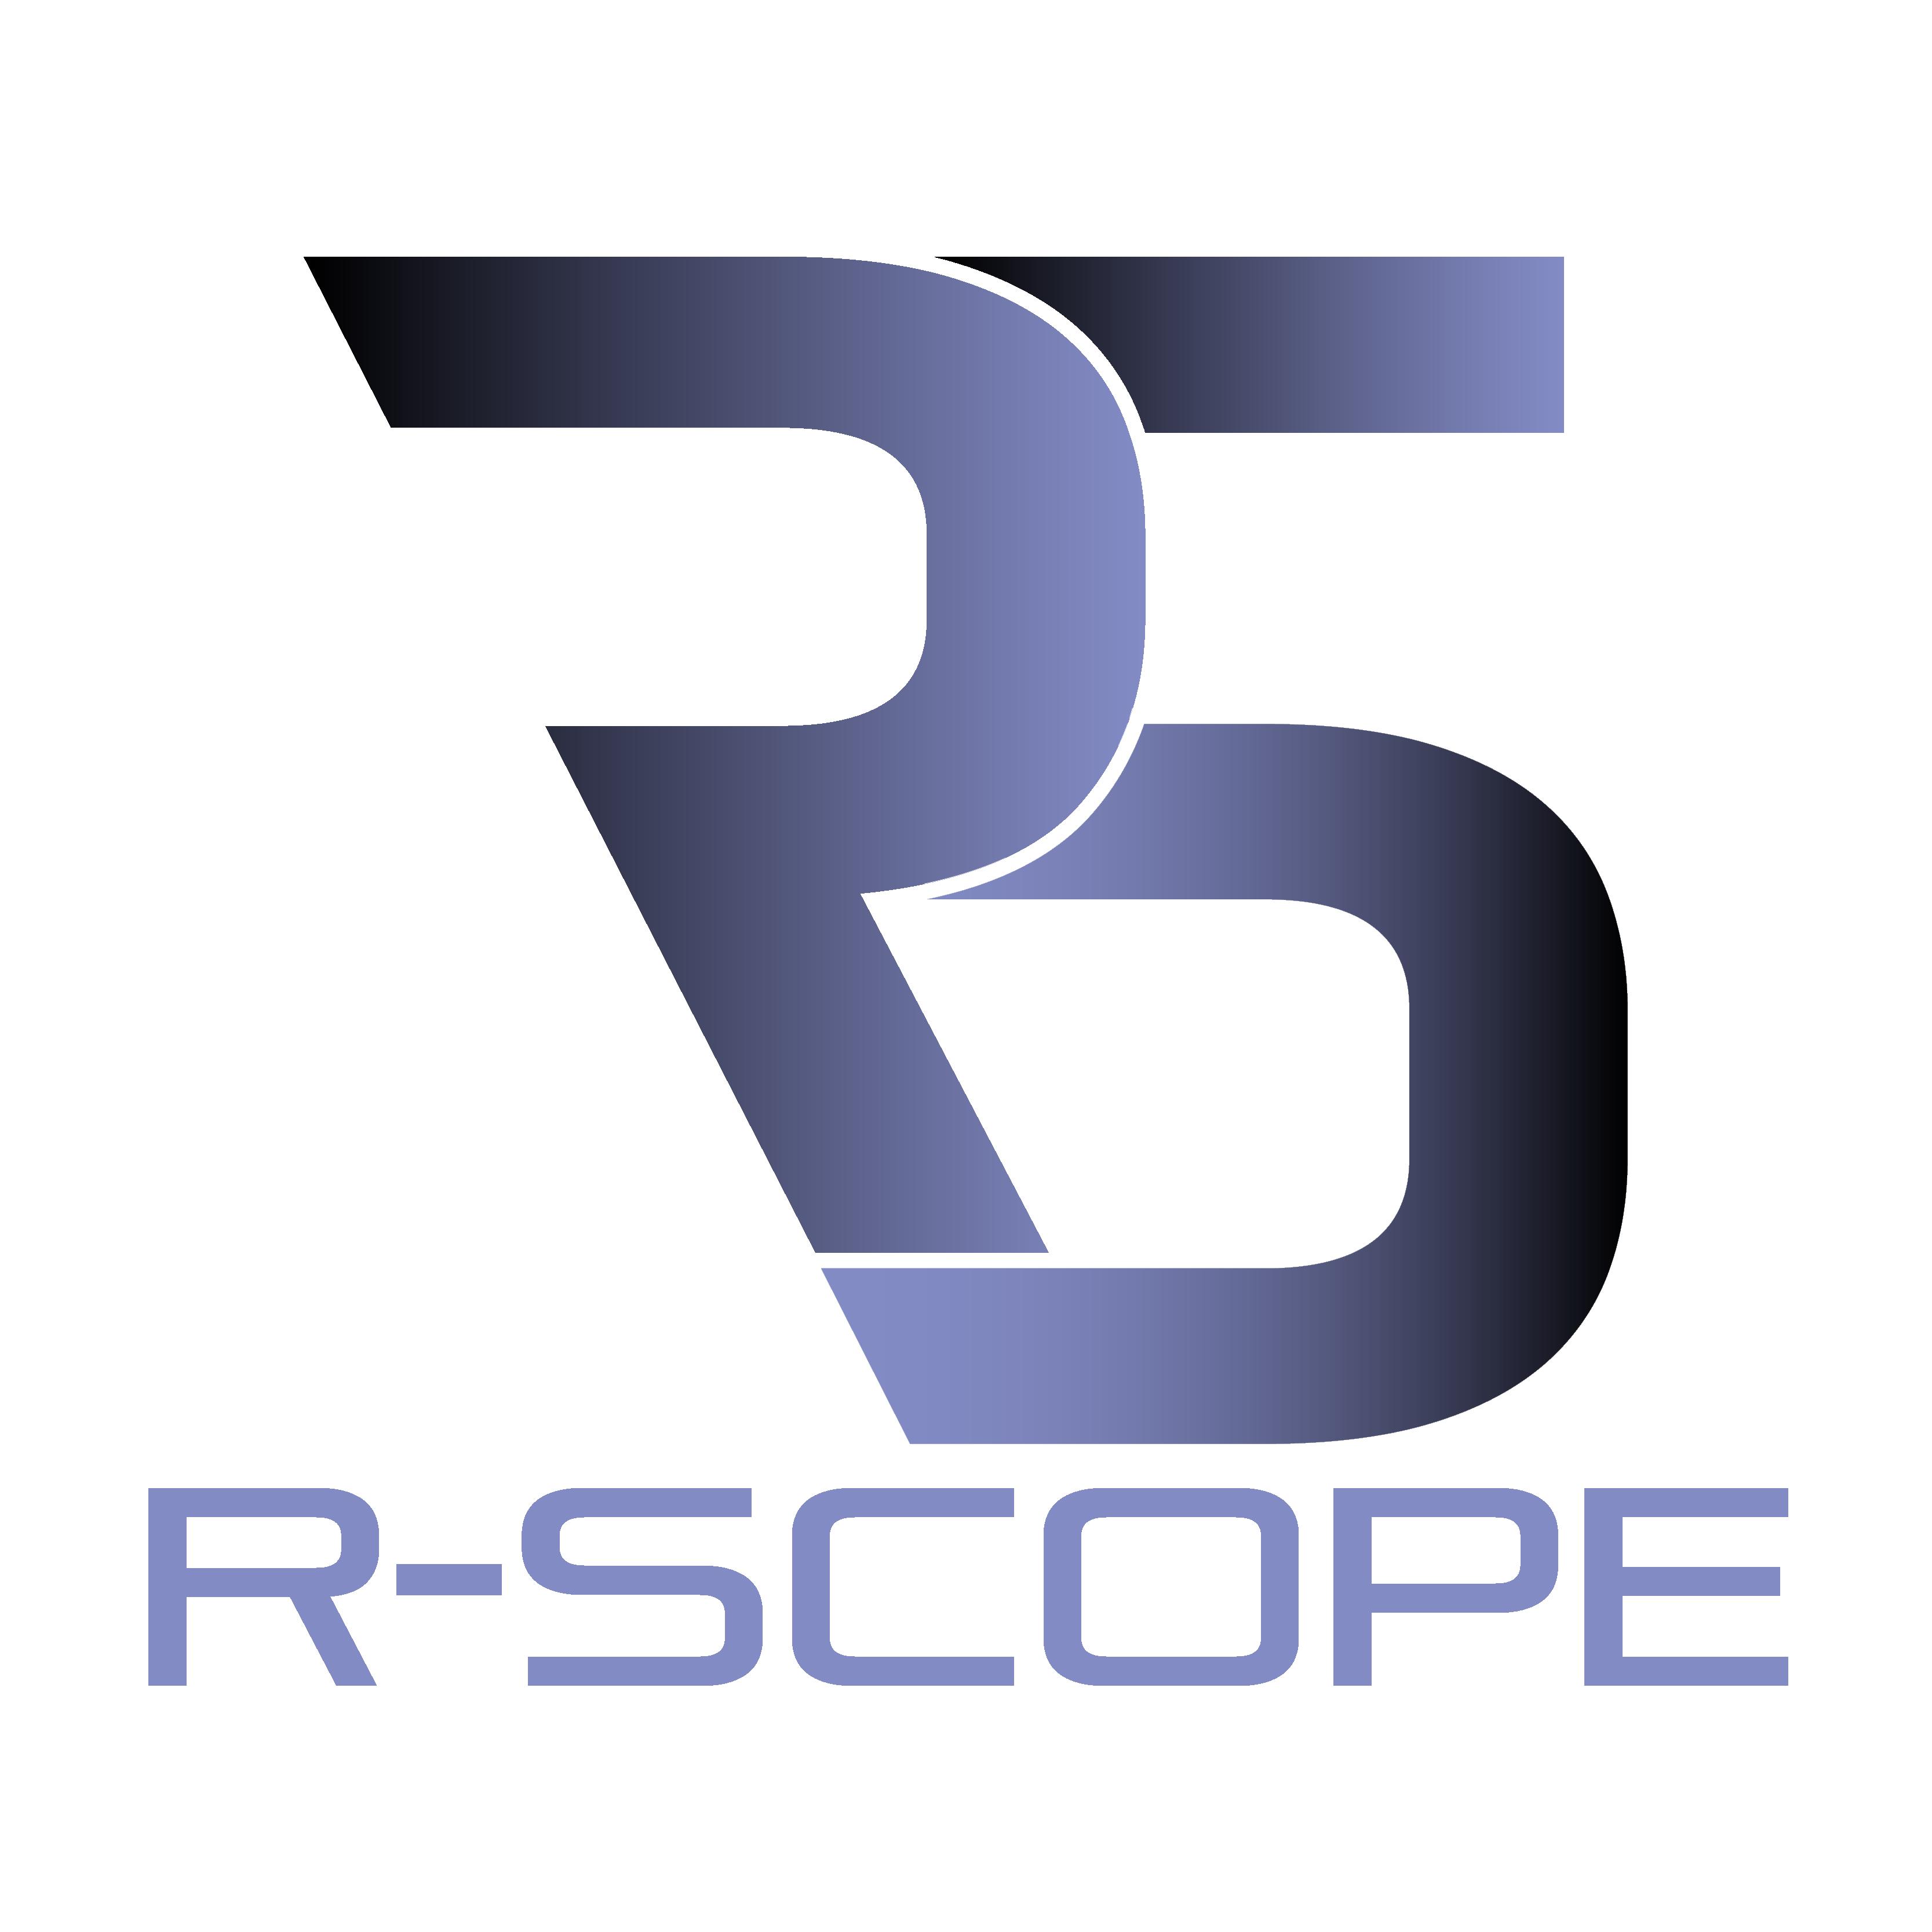 R-SCOPE